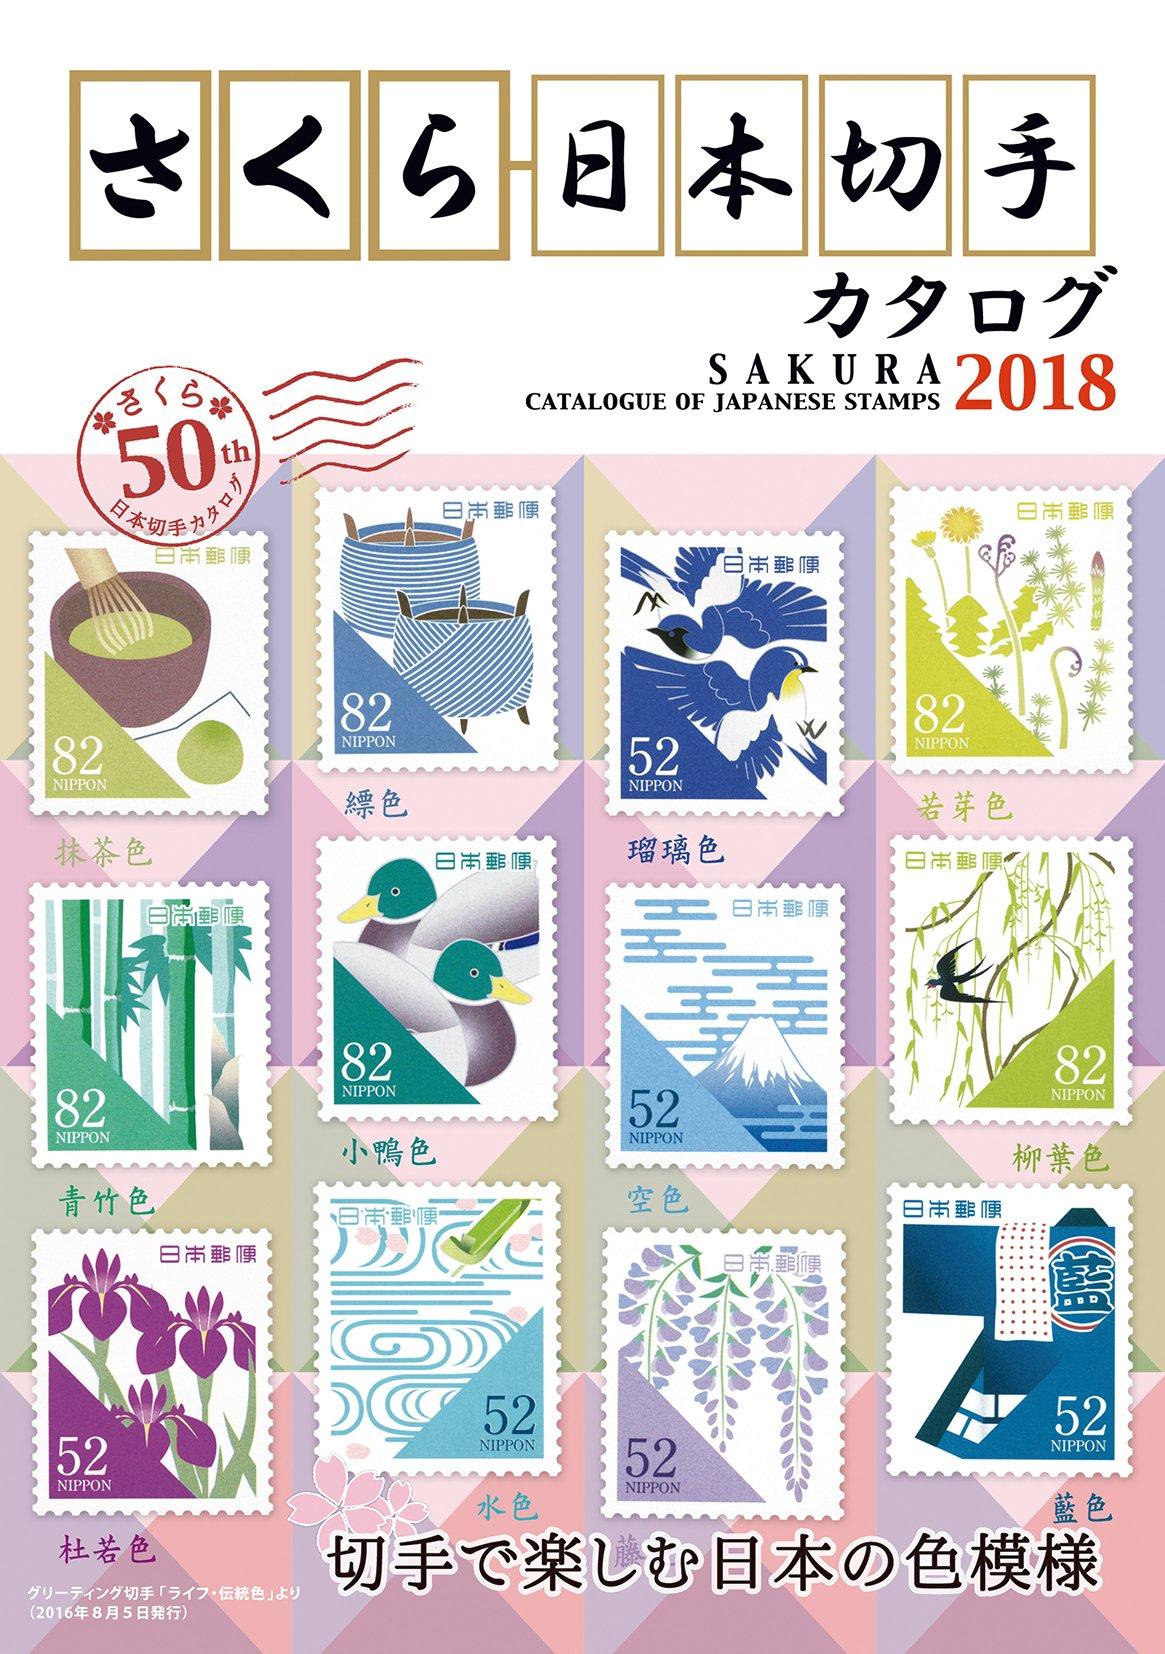 さくら日本切手カタログ2018 | |...